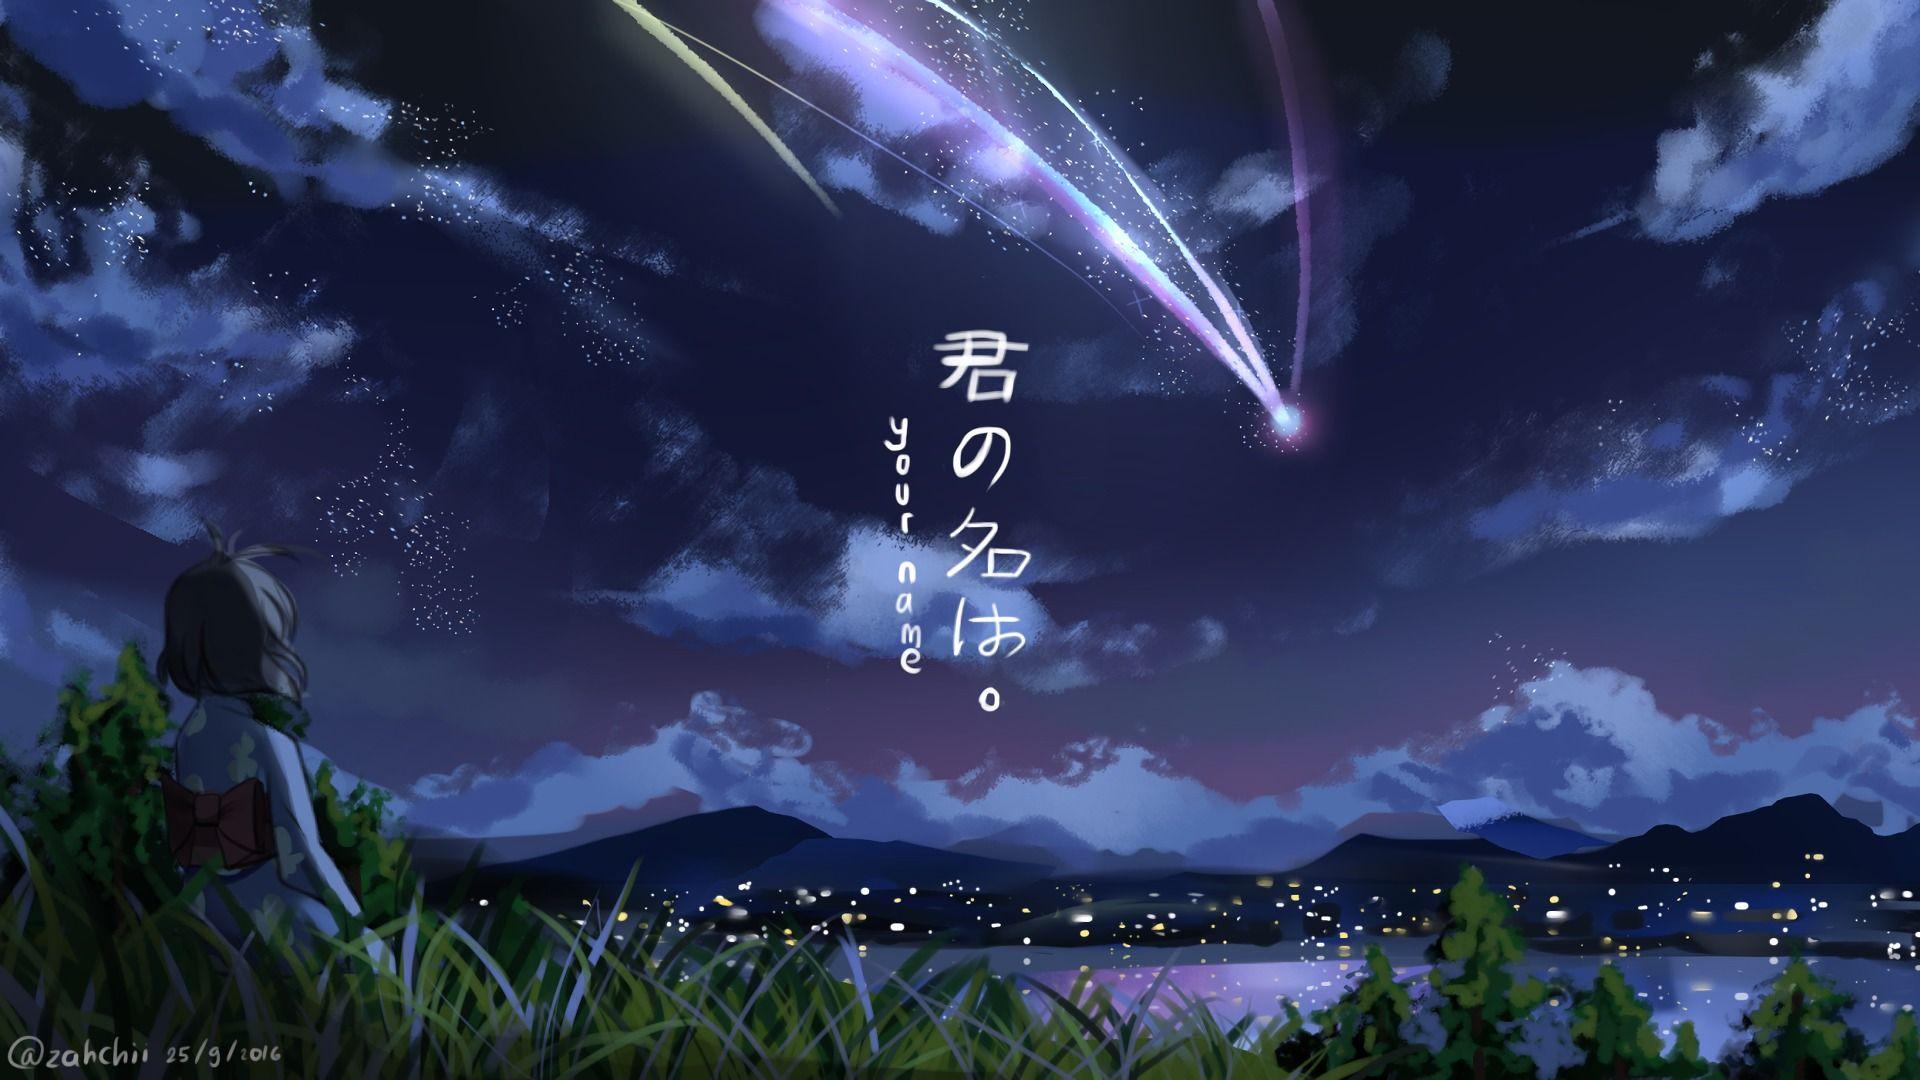 Wallpapers Anime Your Name 1920x1080 Your Name Wallpaper Kimi No Na Wa Your Name Anime